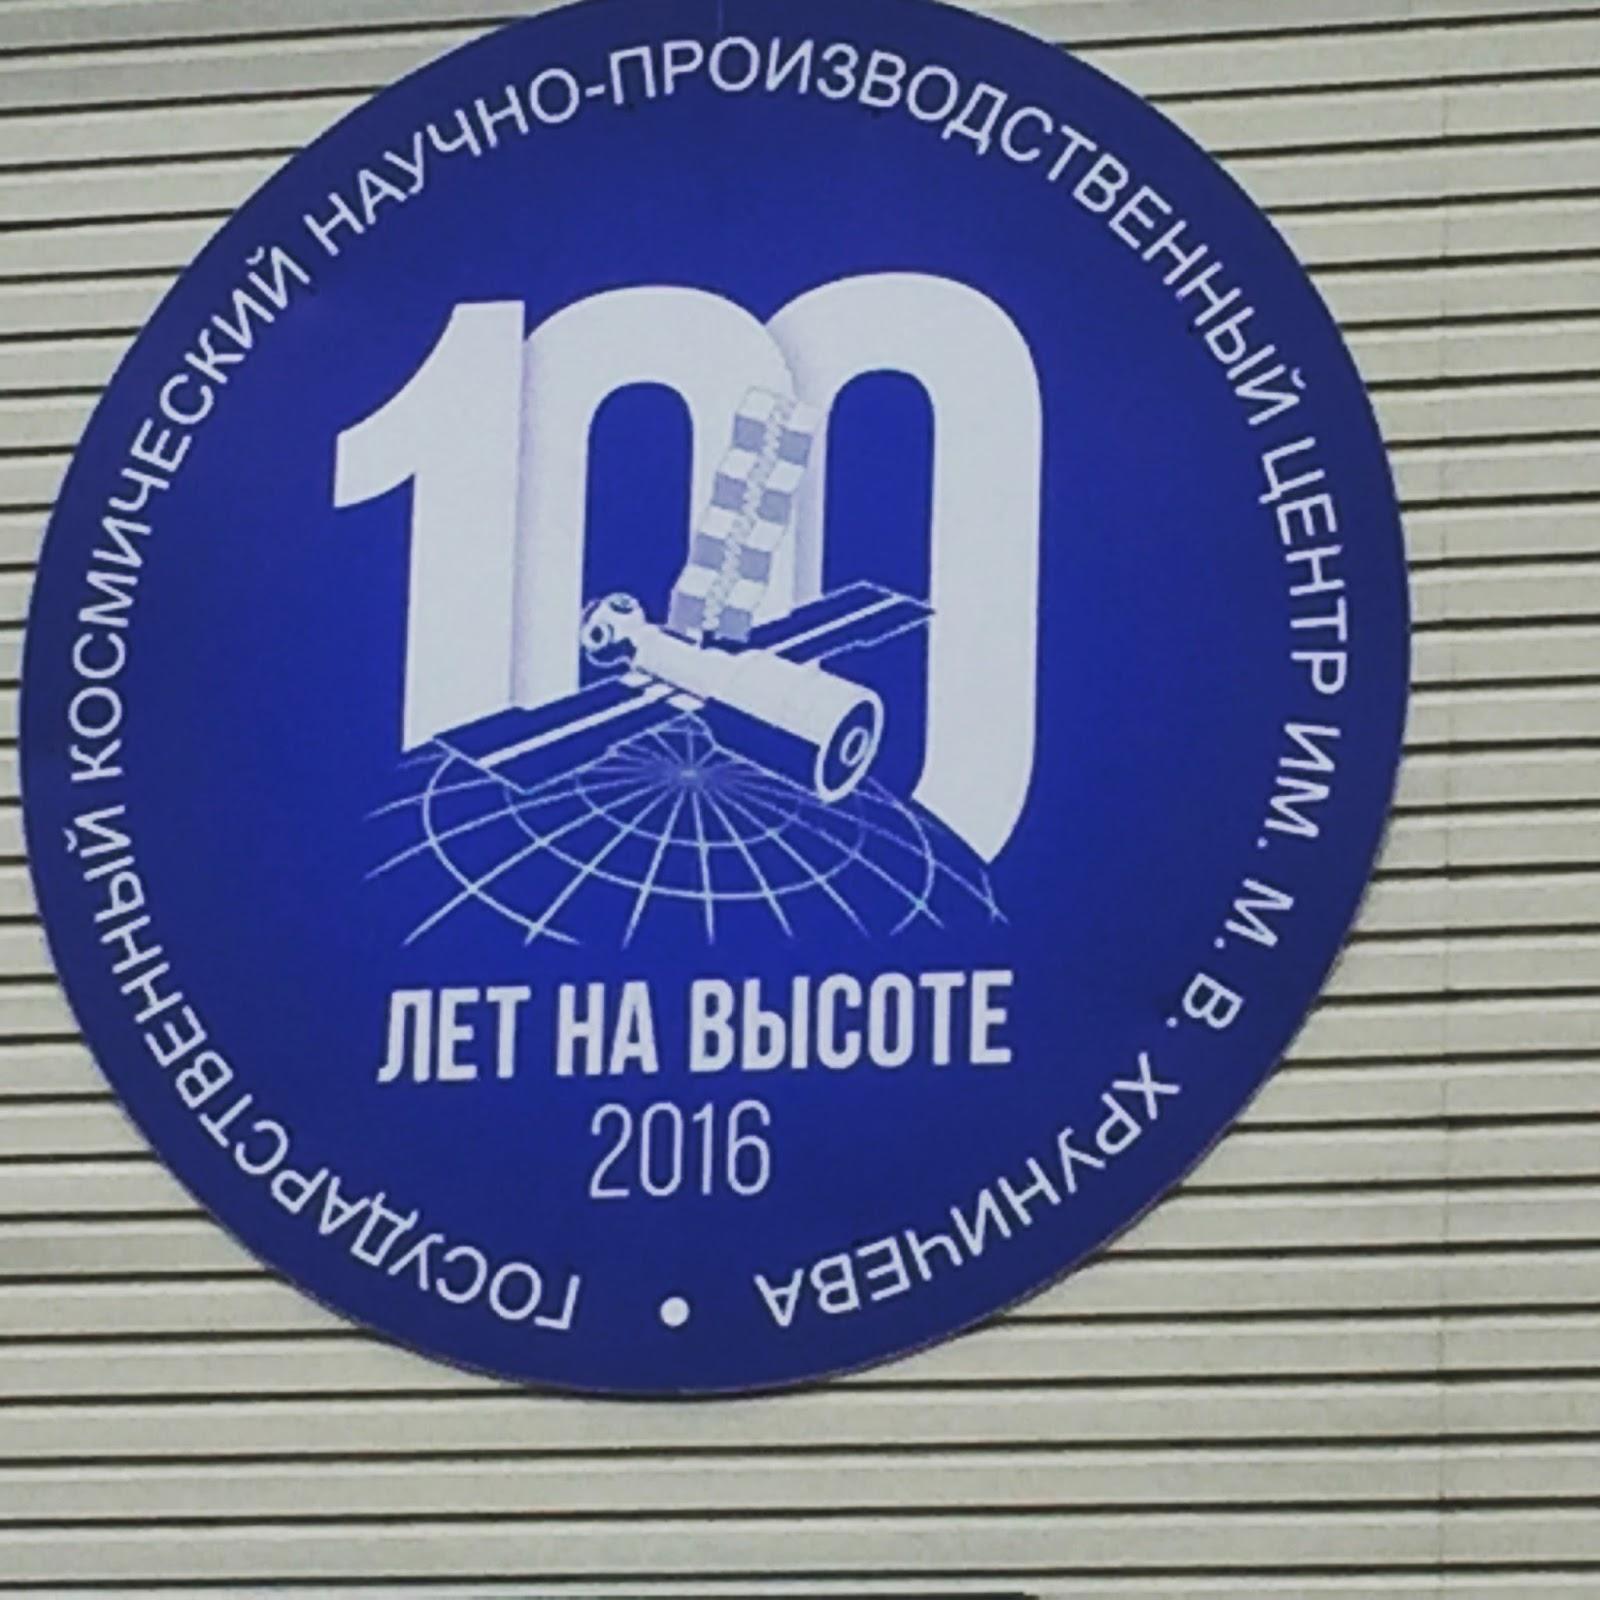 06cbc7ceb25f Всё выше и выше, и выше...стремиться ввысь на все 100% своих усилий и также  верить в себя. 8-10 июля в Москве проводим тренинг-семинар как раз для  таких ...